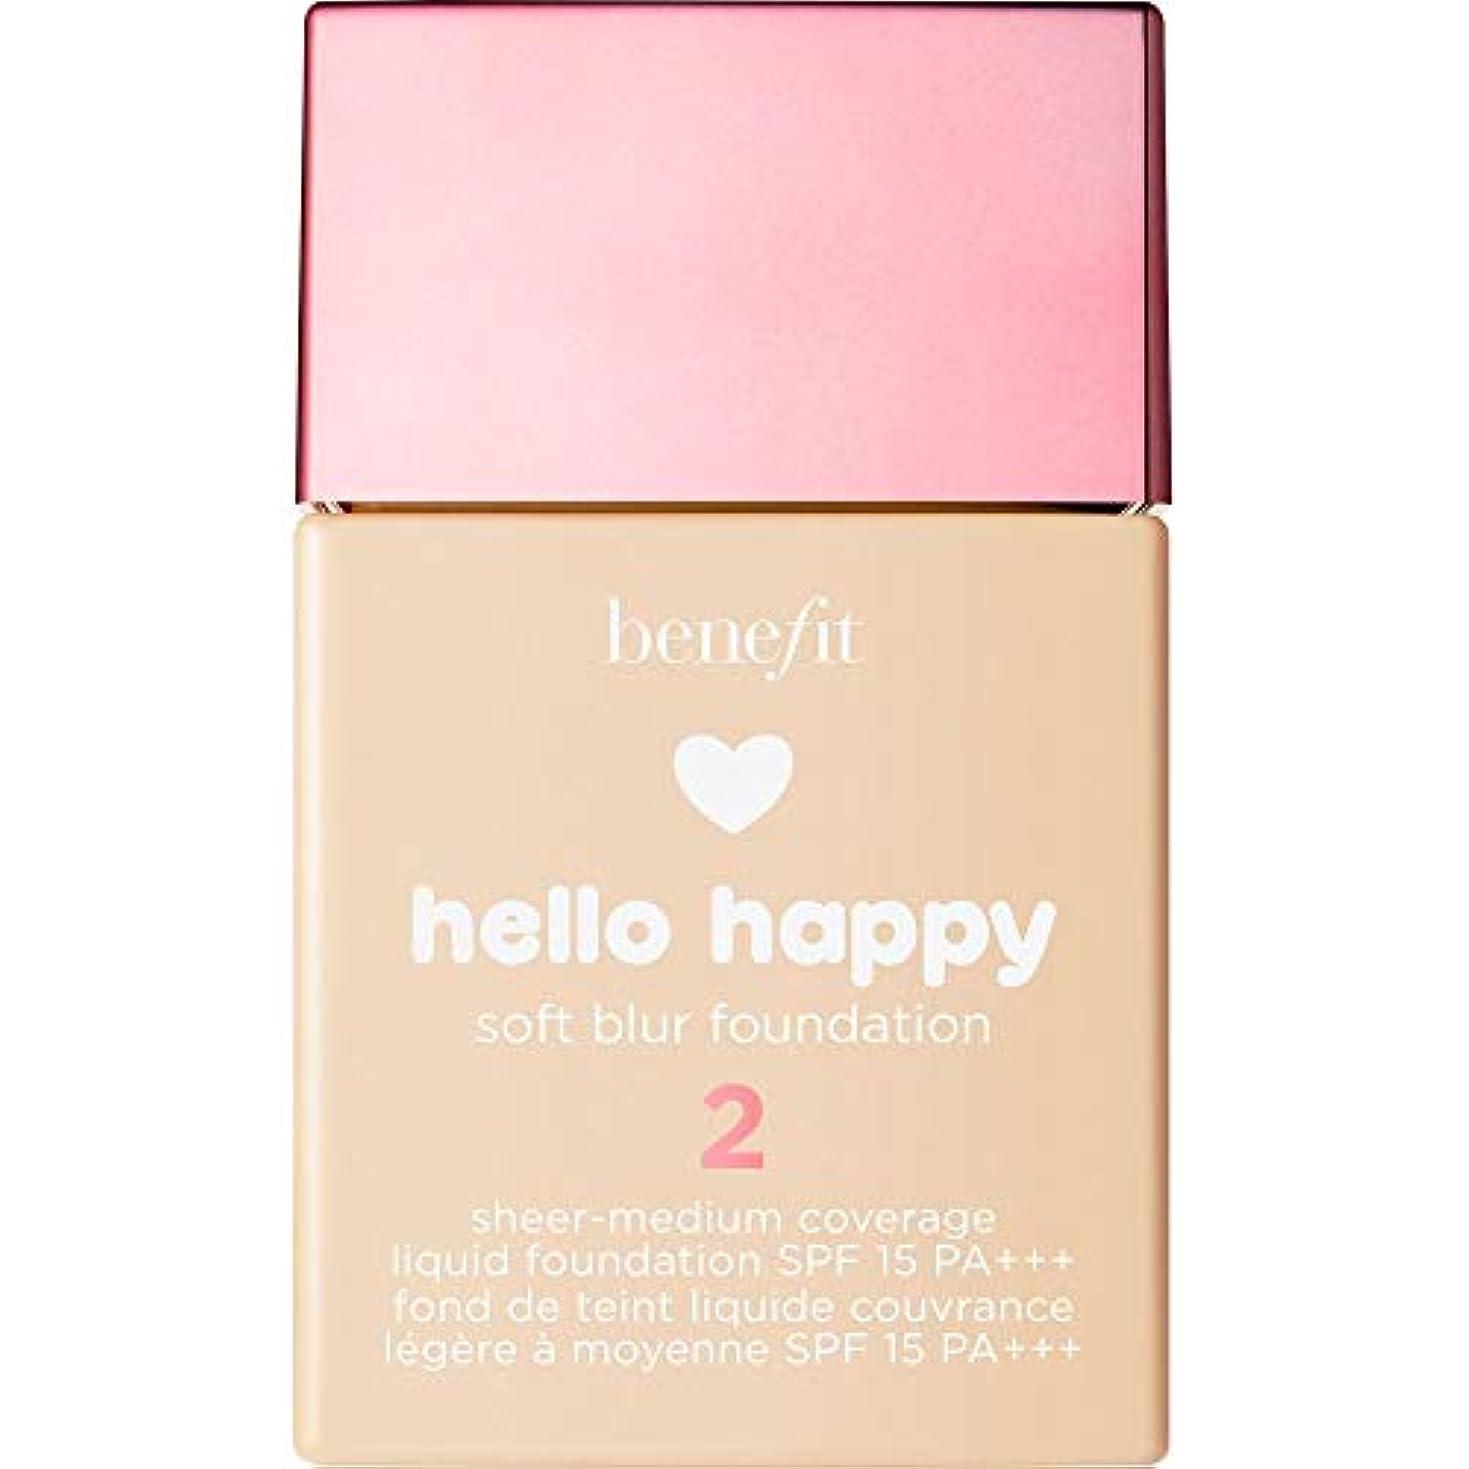 影響を受けやすいです診療所キリスト[Benefit ] こんにちは幸せなソフトブラー基礎Spf15 30ミリリットル2に利益をもたらす - 暖かい光 - Benefit Hello Happy Soft Blur Foundation SPF15 30ml...